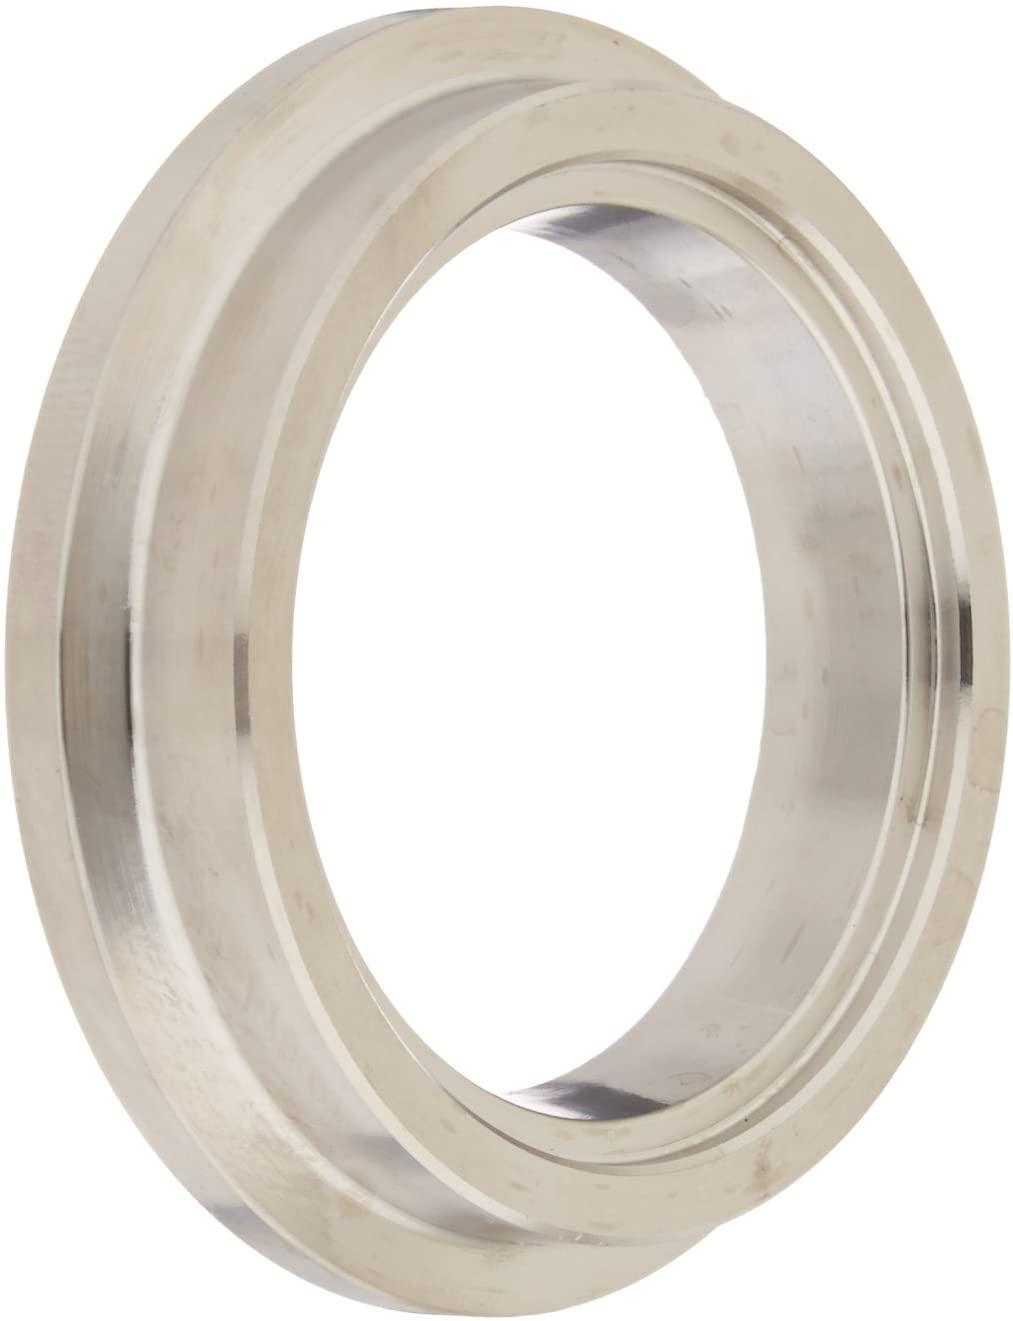 Turbosmart TS-0504-3001 45mm Inlet Weld Flange for Wastegate